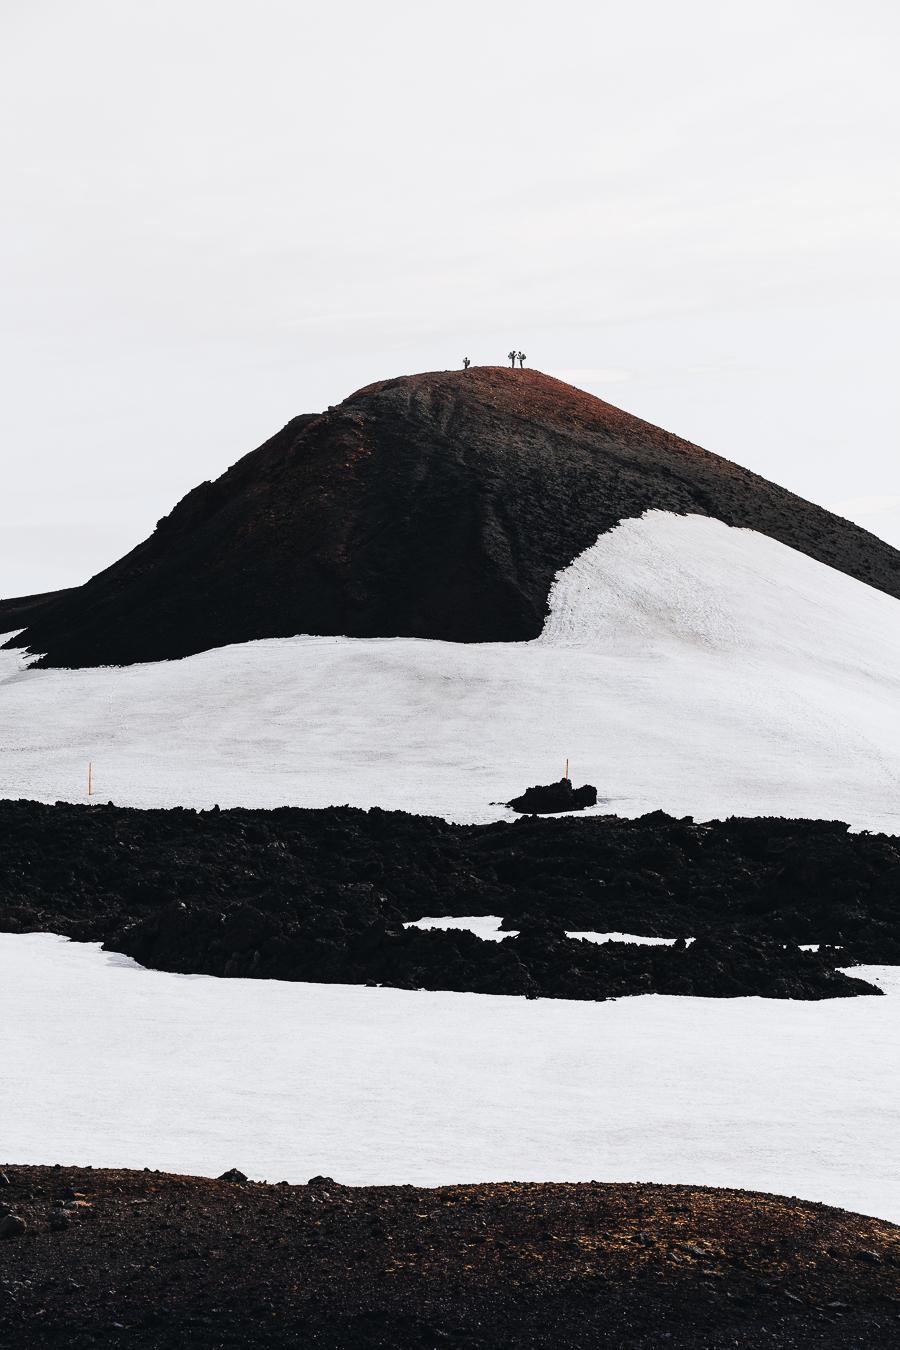 gabornagy_volcano_huts41.jpg